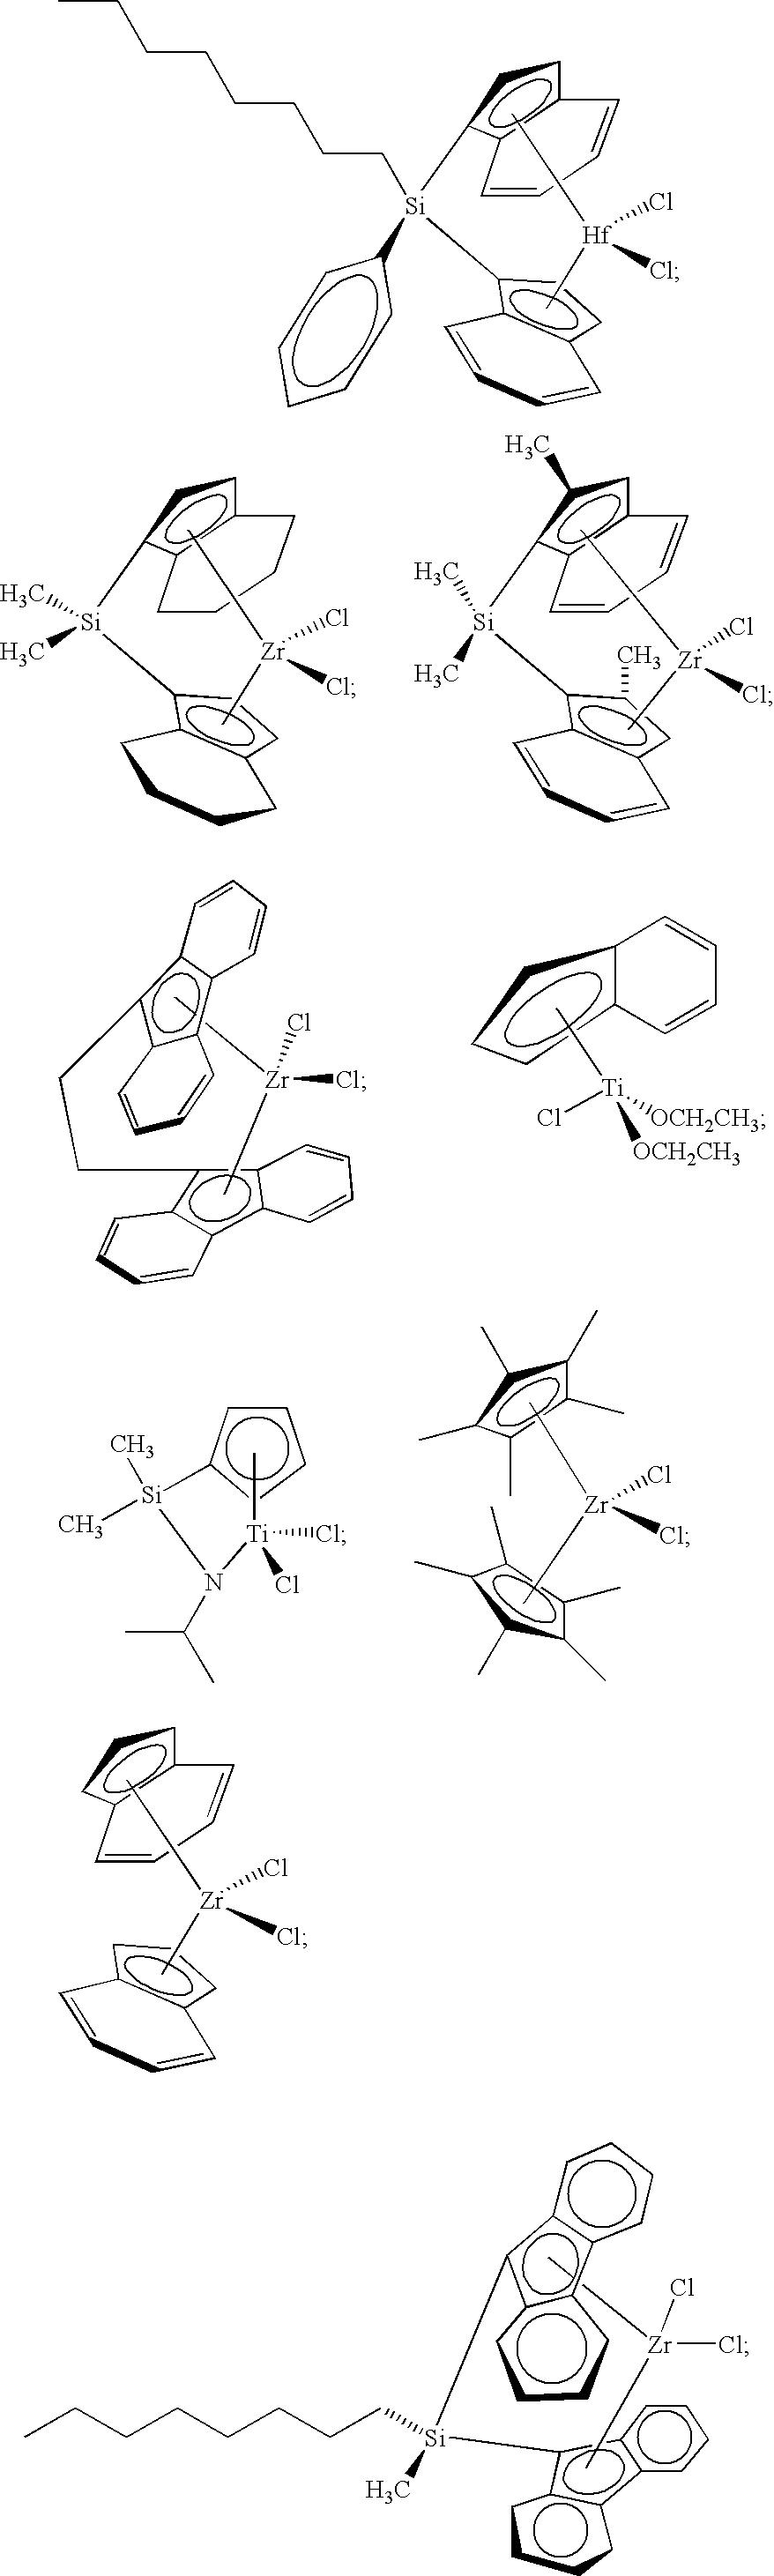 Figure US07163906-20070116-C00002